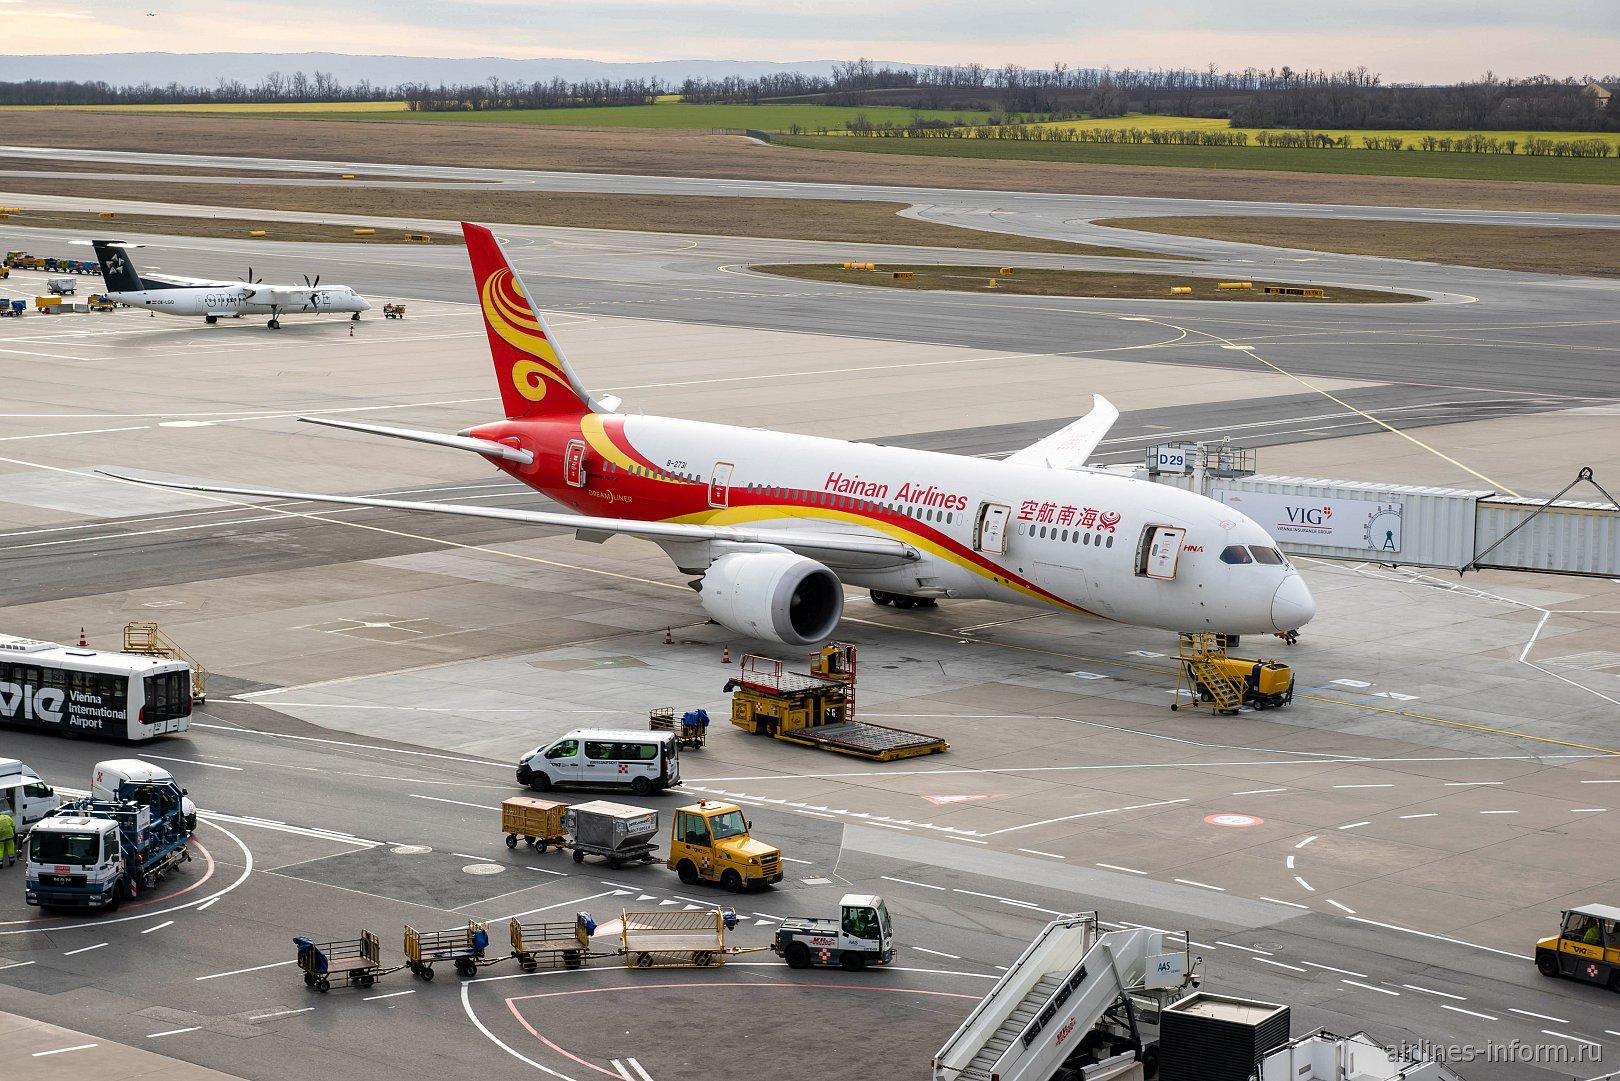 Самолет Боинг-787-8 Хайнаньских авиалиний в аэропорту Вены